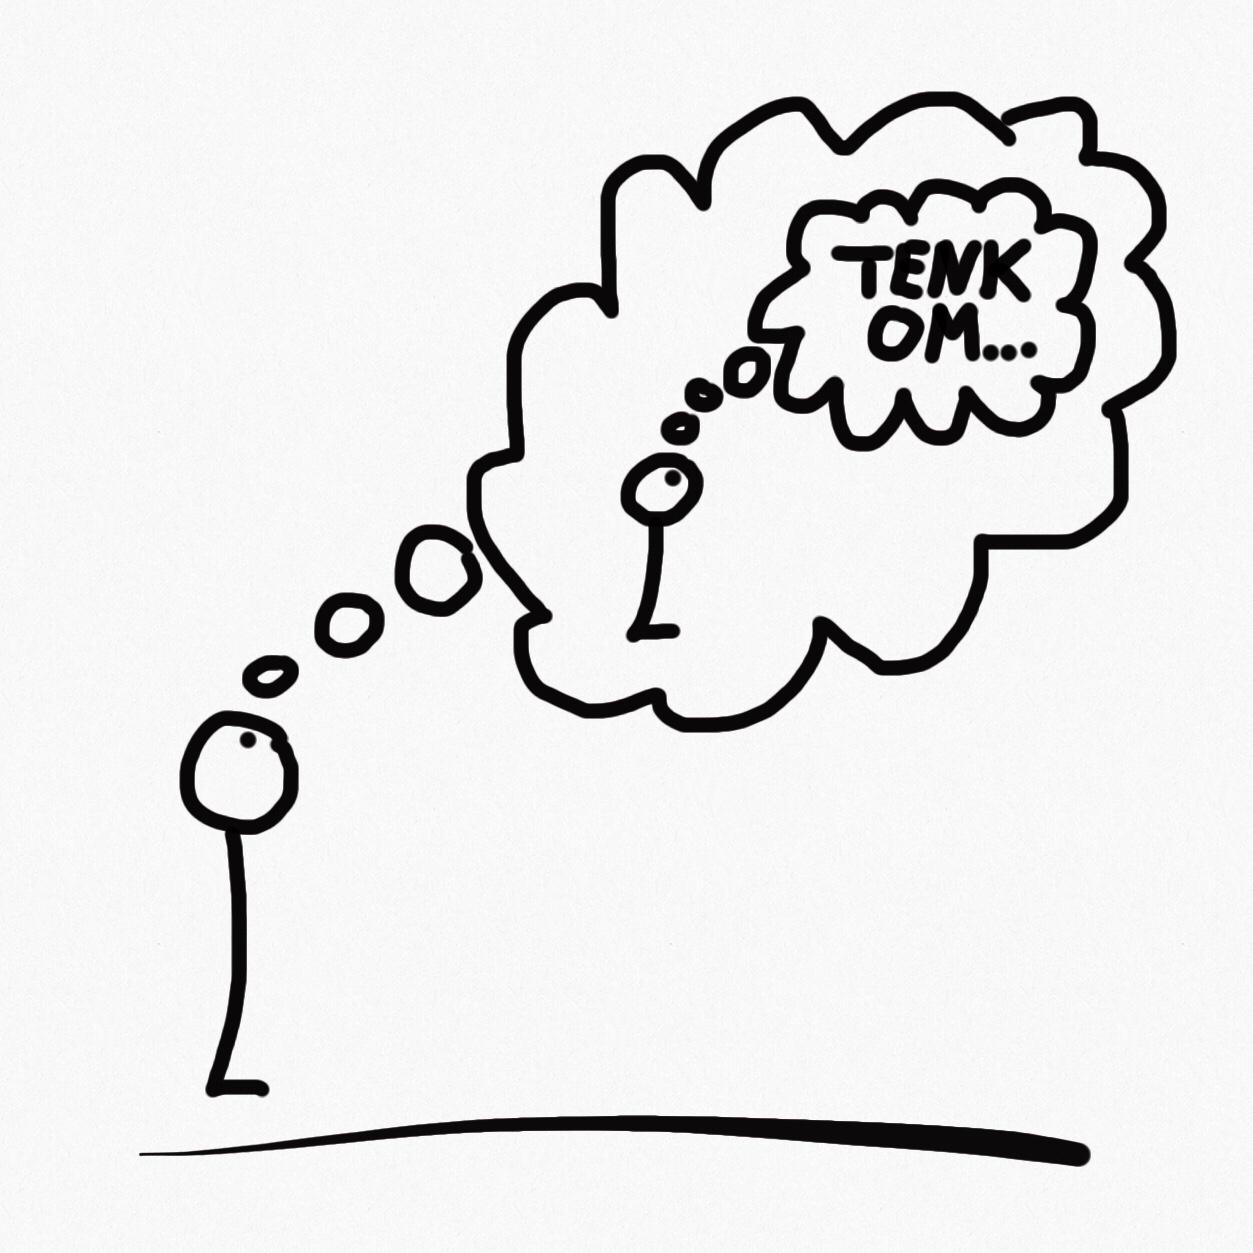 Metakognitiv terapi illustrert med en strekmann som tenker på en strekmann - ham selv - som tenker